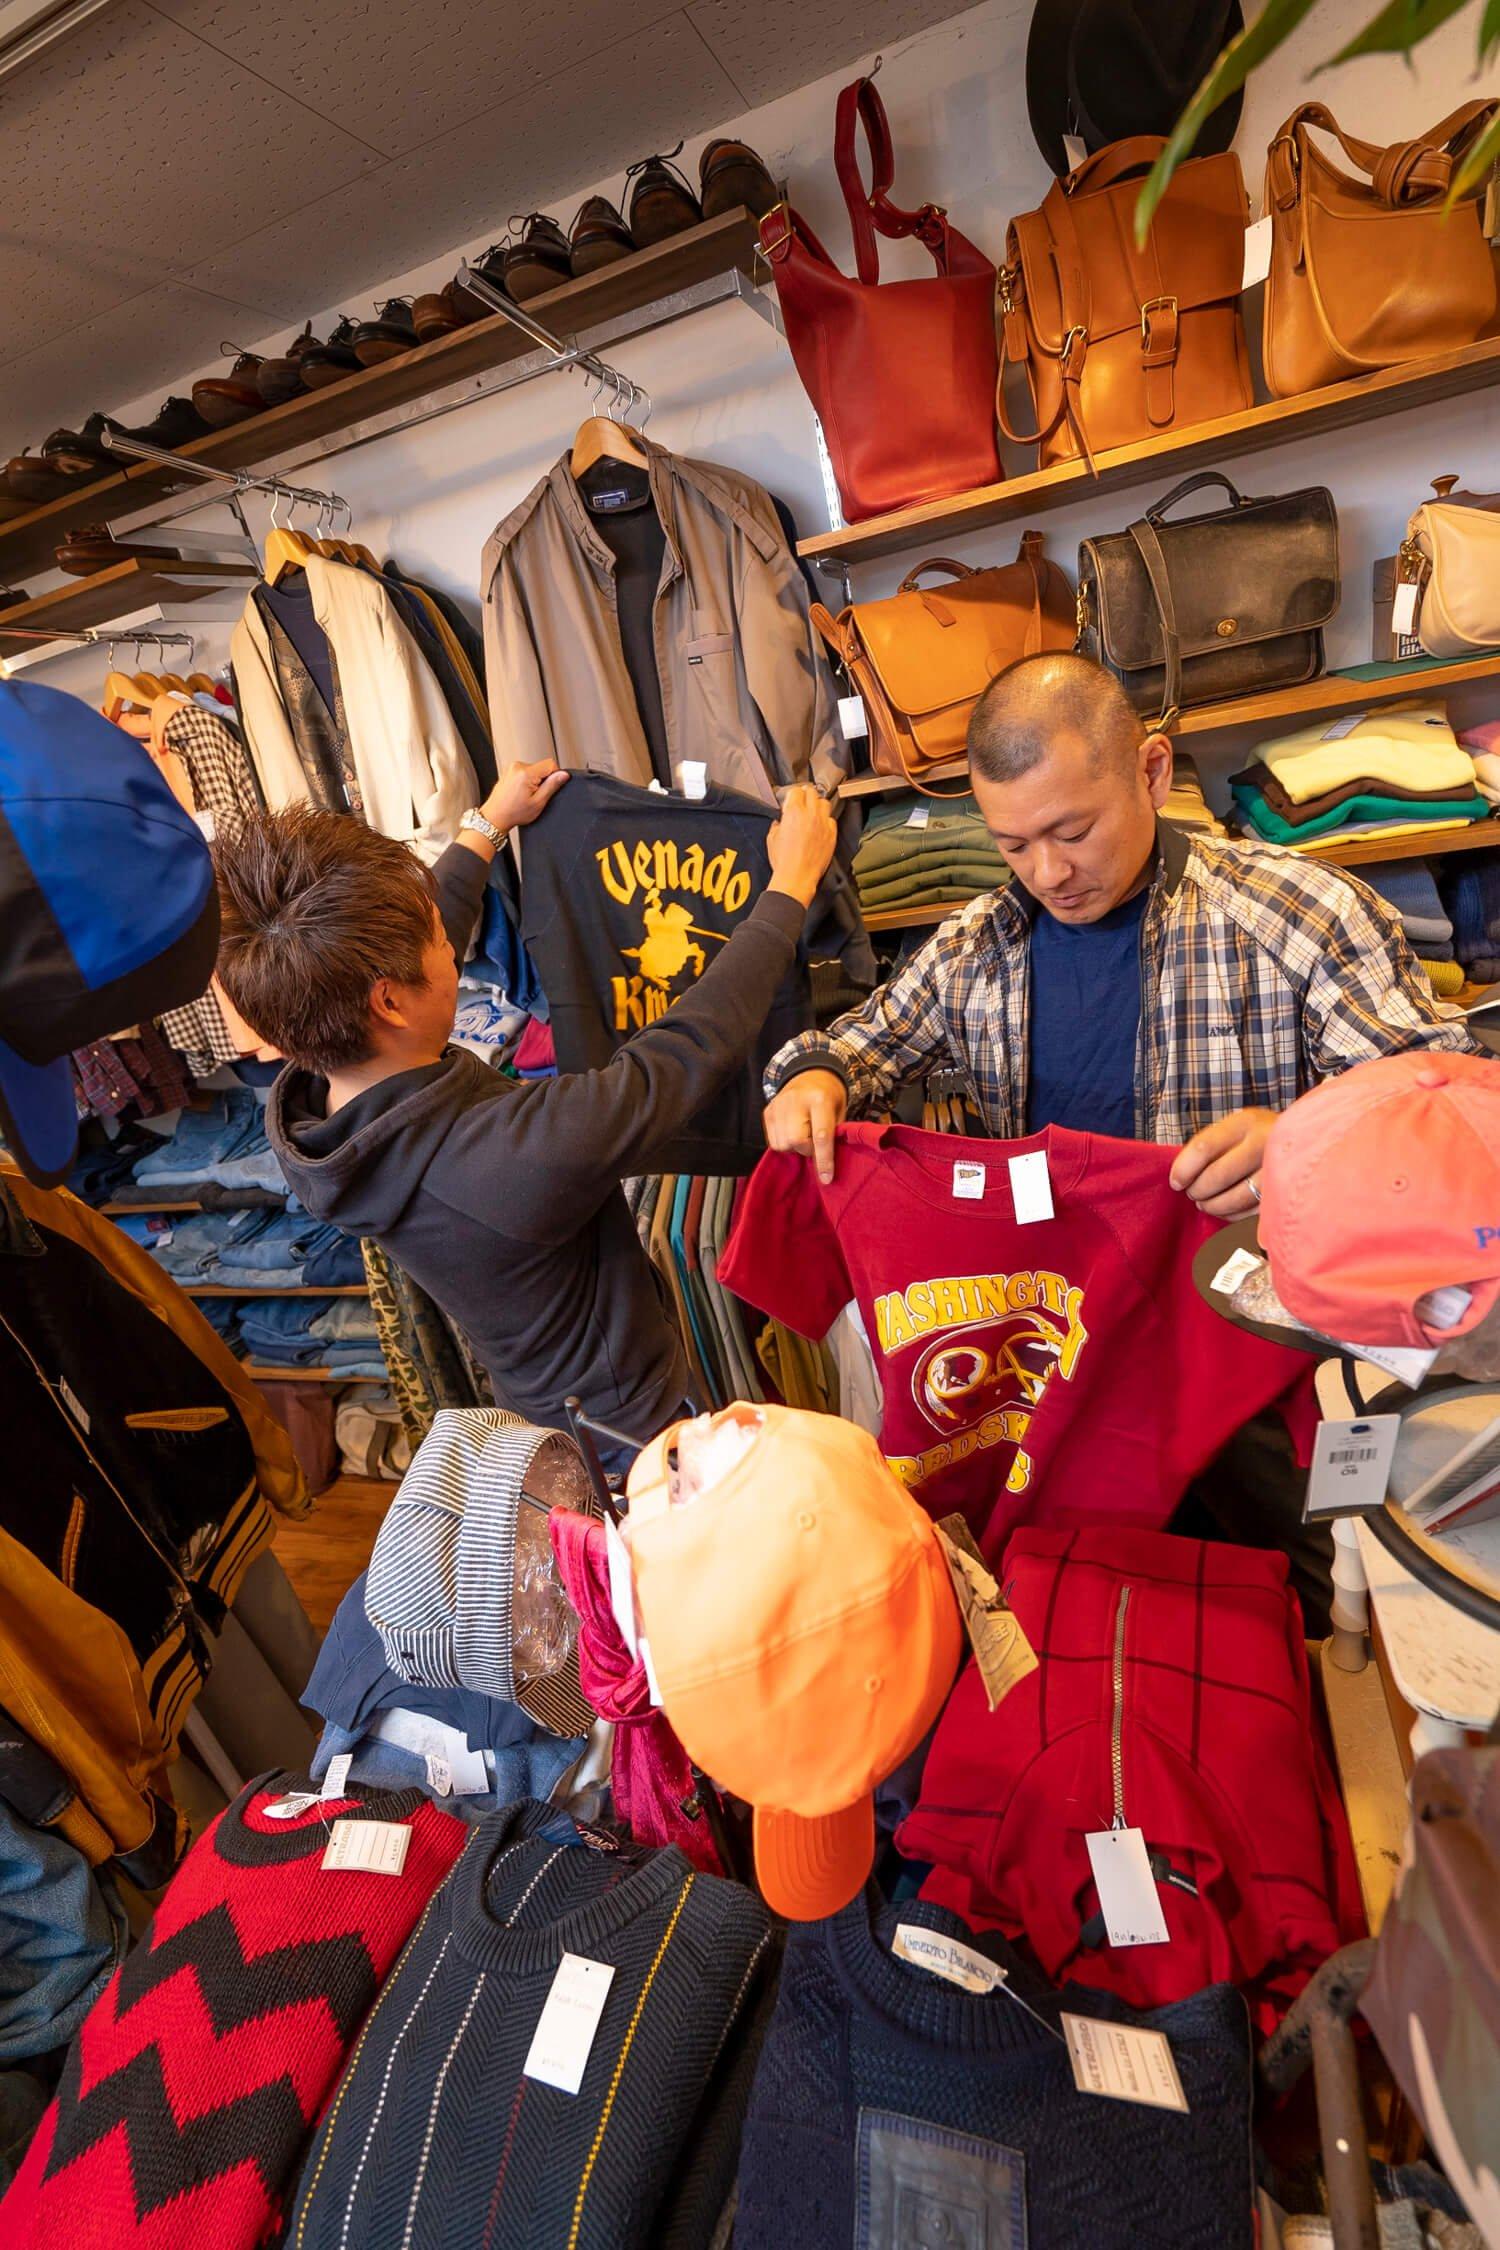 町田と言えば古着! ということで『ULTRABO』でお二人をスタイリング。『ULTRABO』は2006年にオープンした古着ショップで、「アメカジ以外のスタイルも提案したい」という店主・マコトさんが アメリカ西海岸で買い付けてくるビンテージ商品が店内に並ぶ。